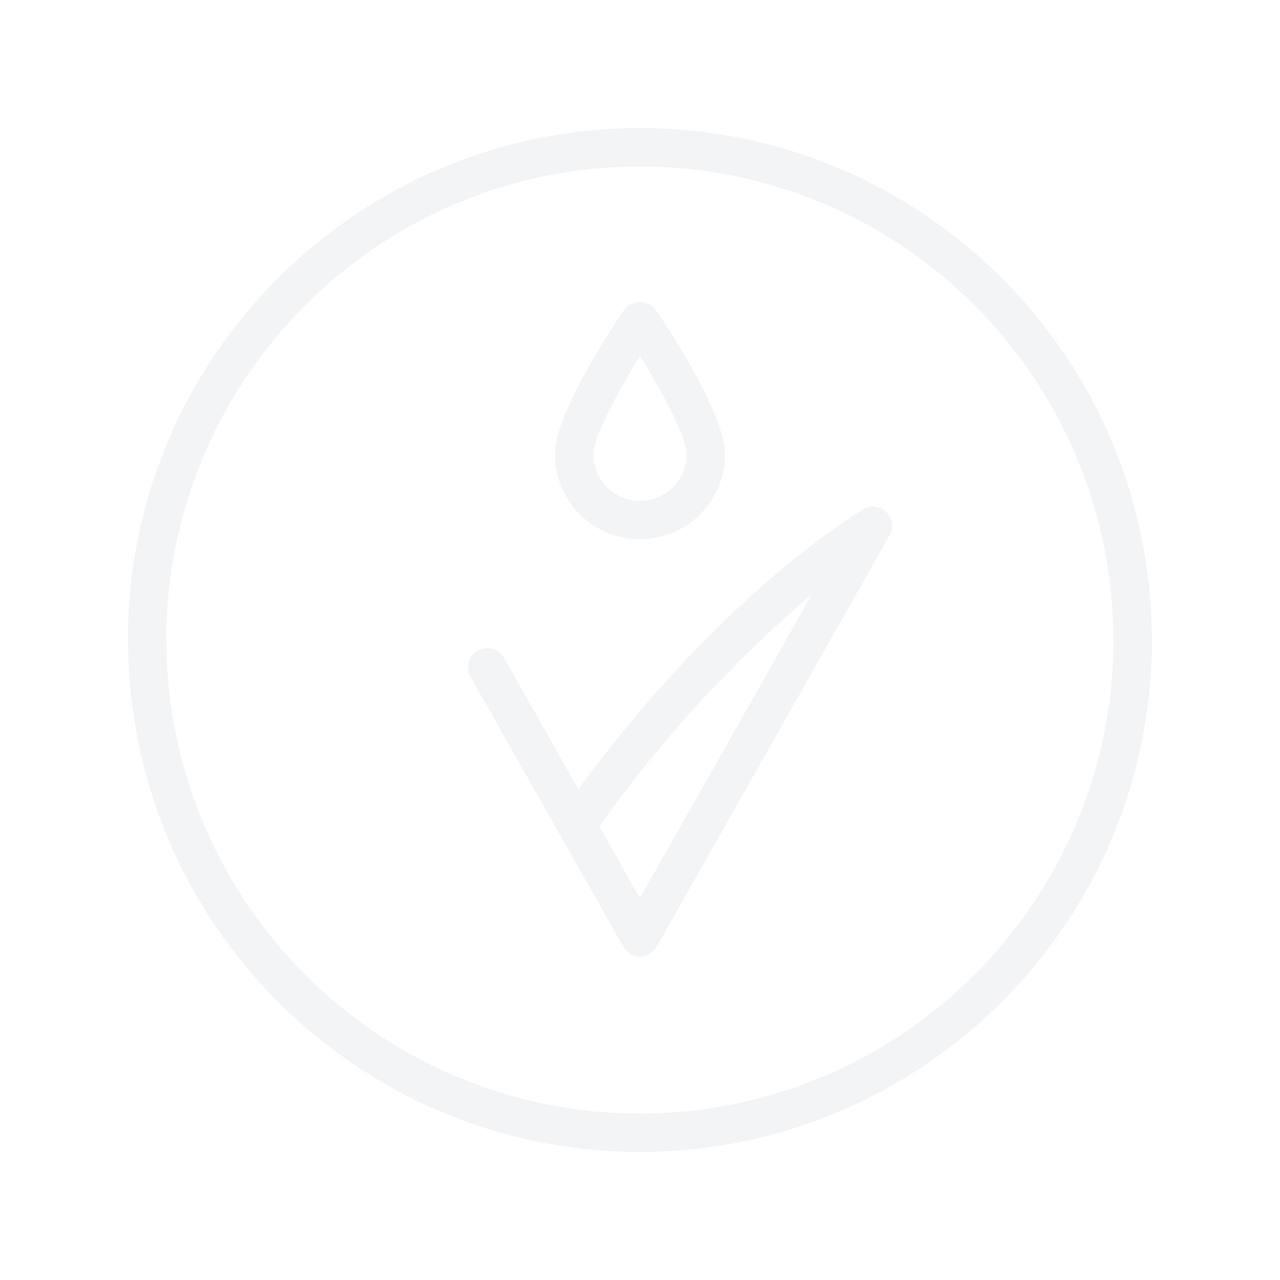 MIZON Collagen Power Firming Eye Cream